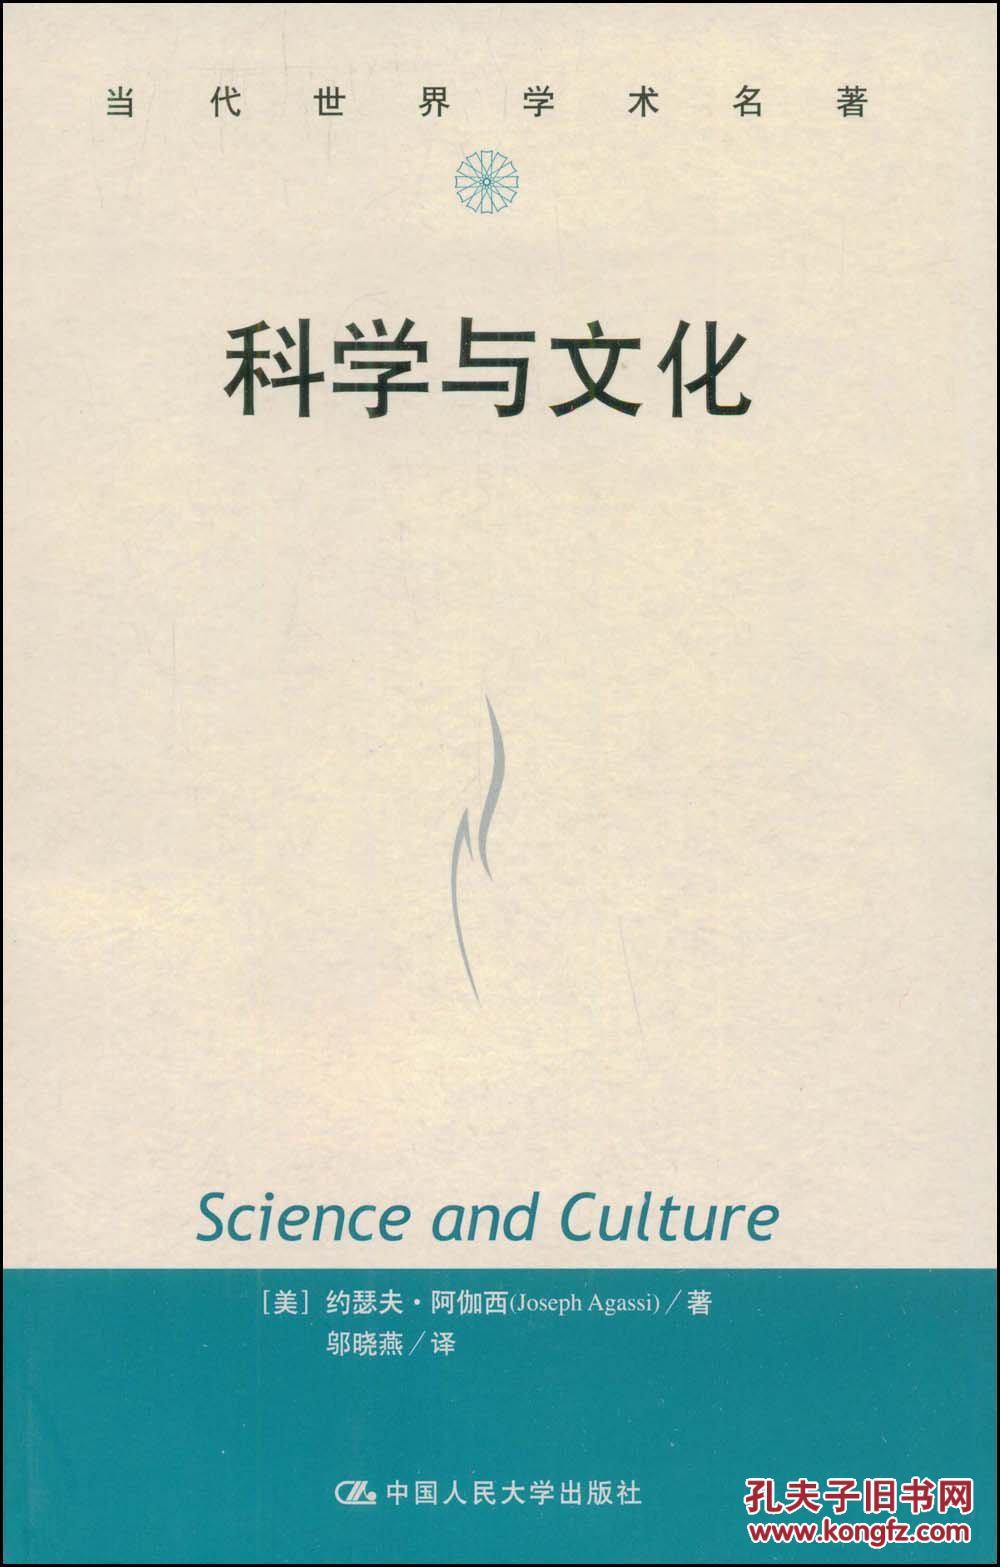 教育名著��.i��%:+�_科学与文化(当代世界学术名著)/约瑟夫阿伽西 (joseph apassi